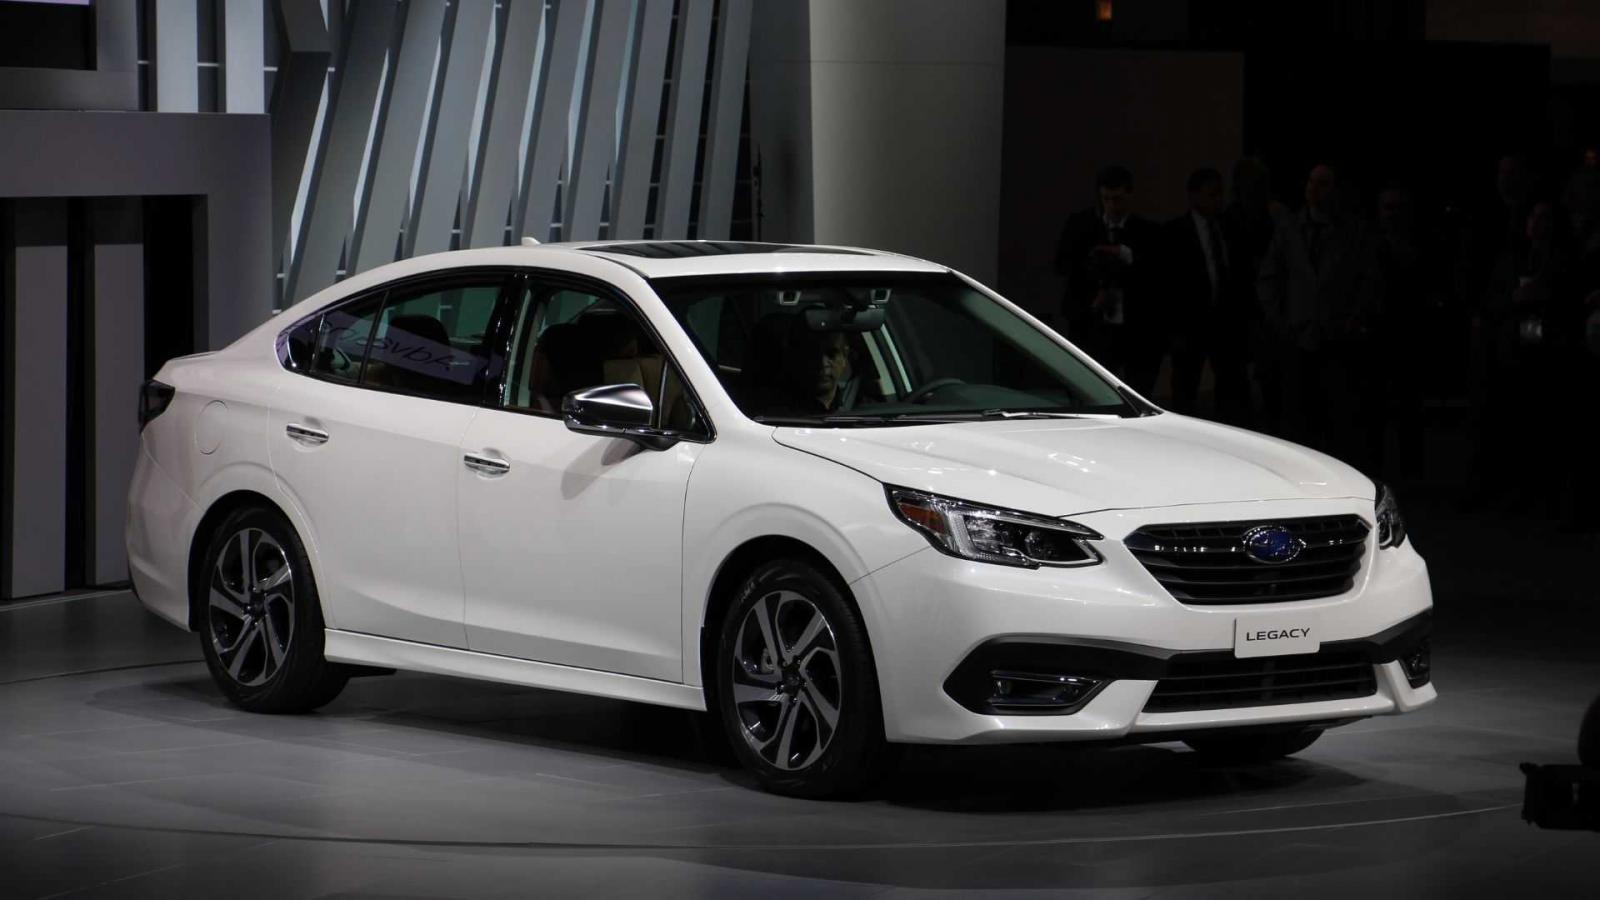 Cận cảnh thiết kế đầu xe của Subaru Legacy thế hệ mới